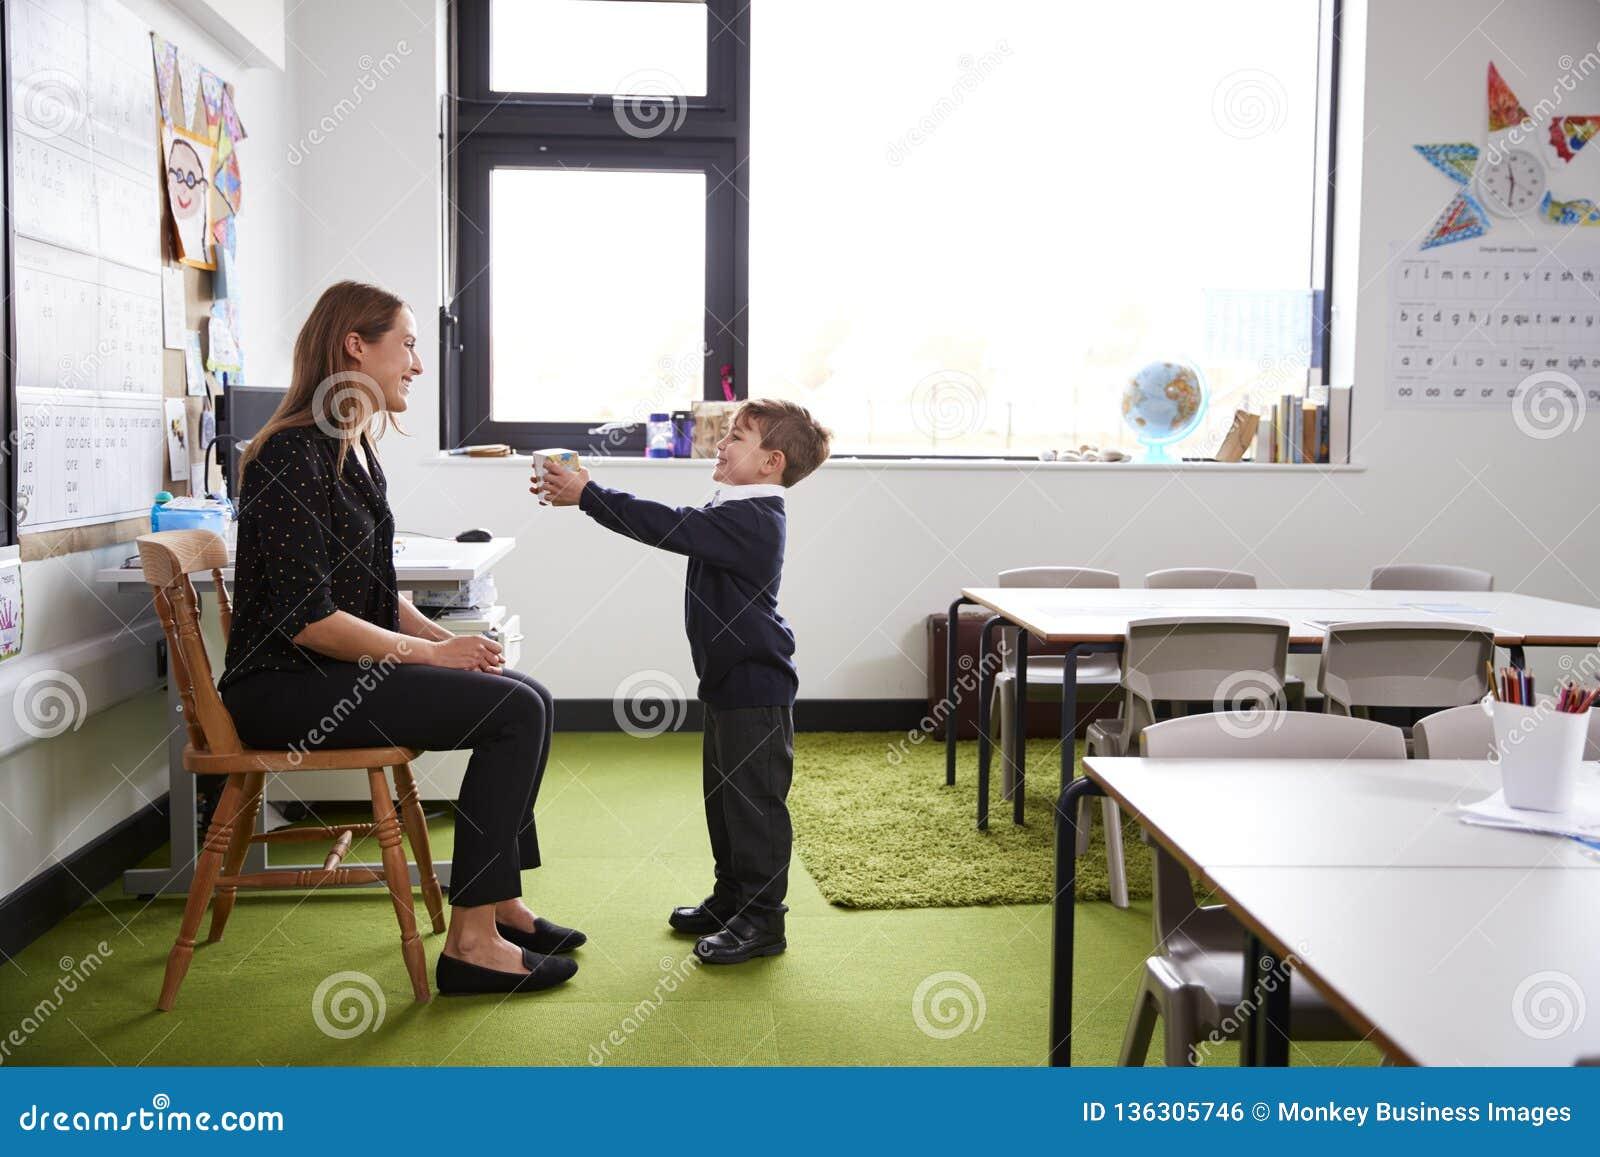 Schüler an der Grundschule, die ein Geschenk seinem weiblichen Lehrer in einem Klassenzimmer, Seitenansicht in voller Länge darst